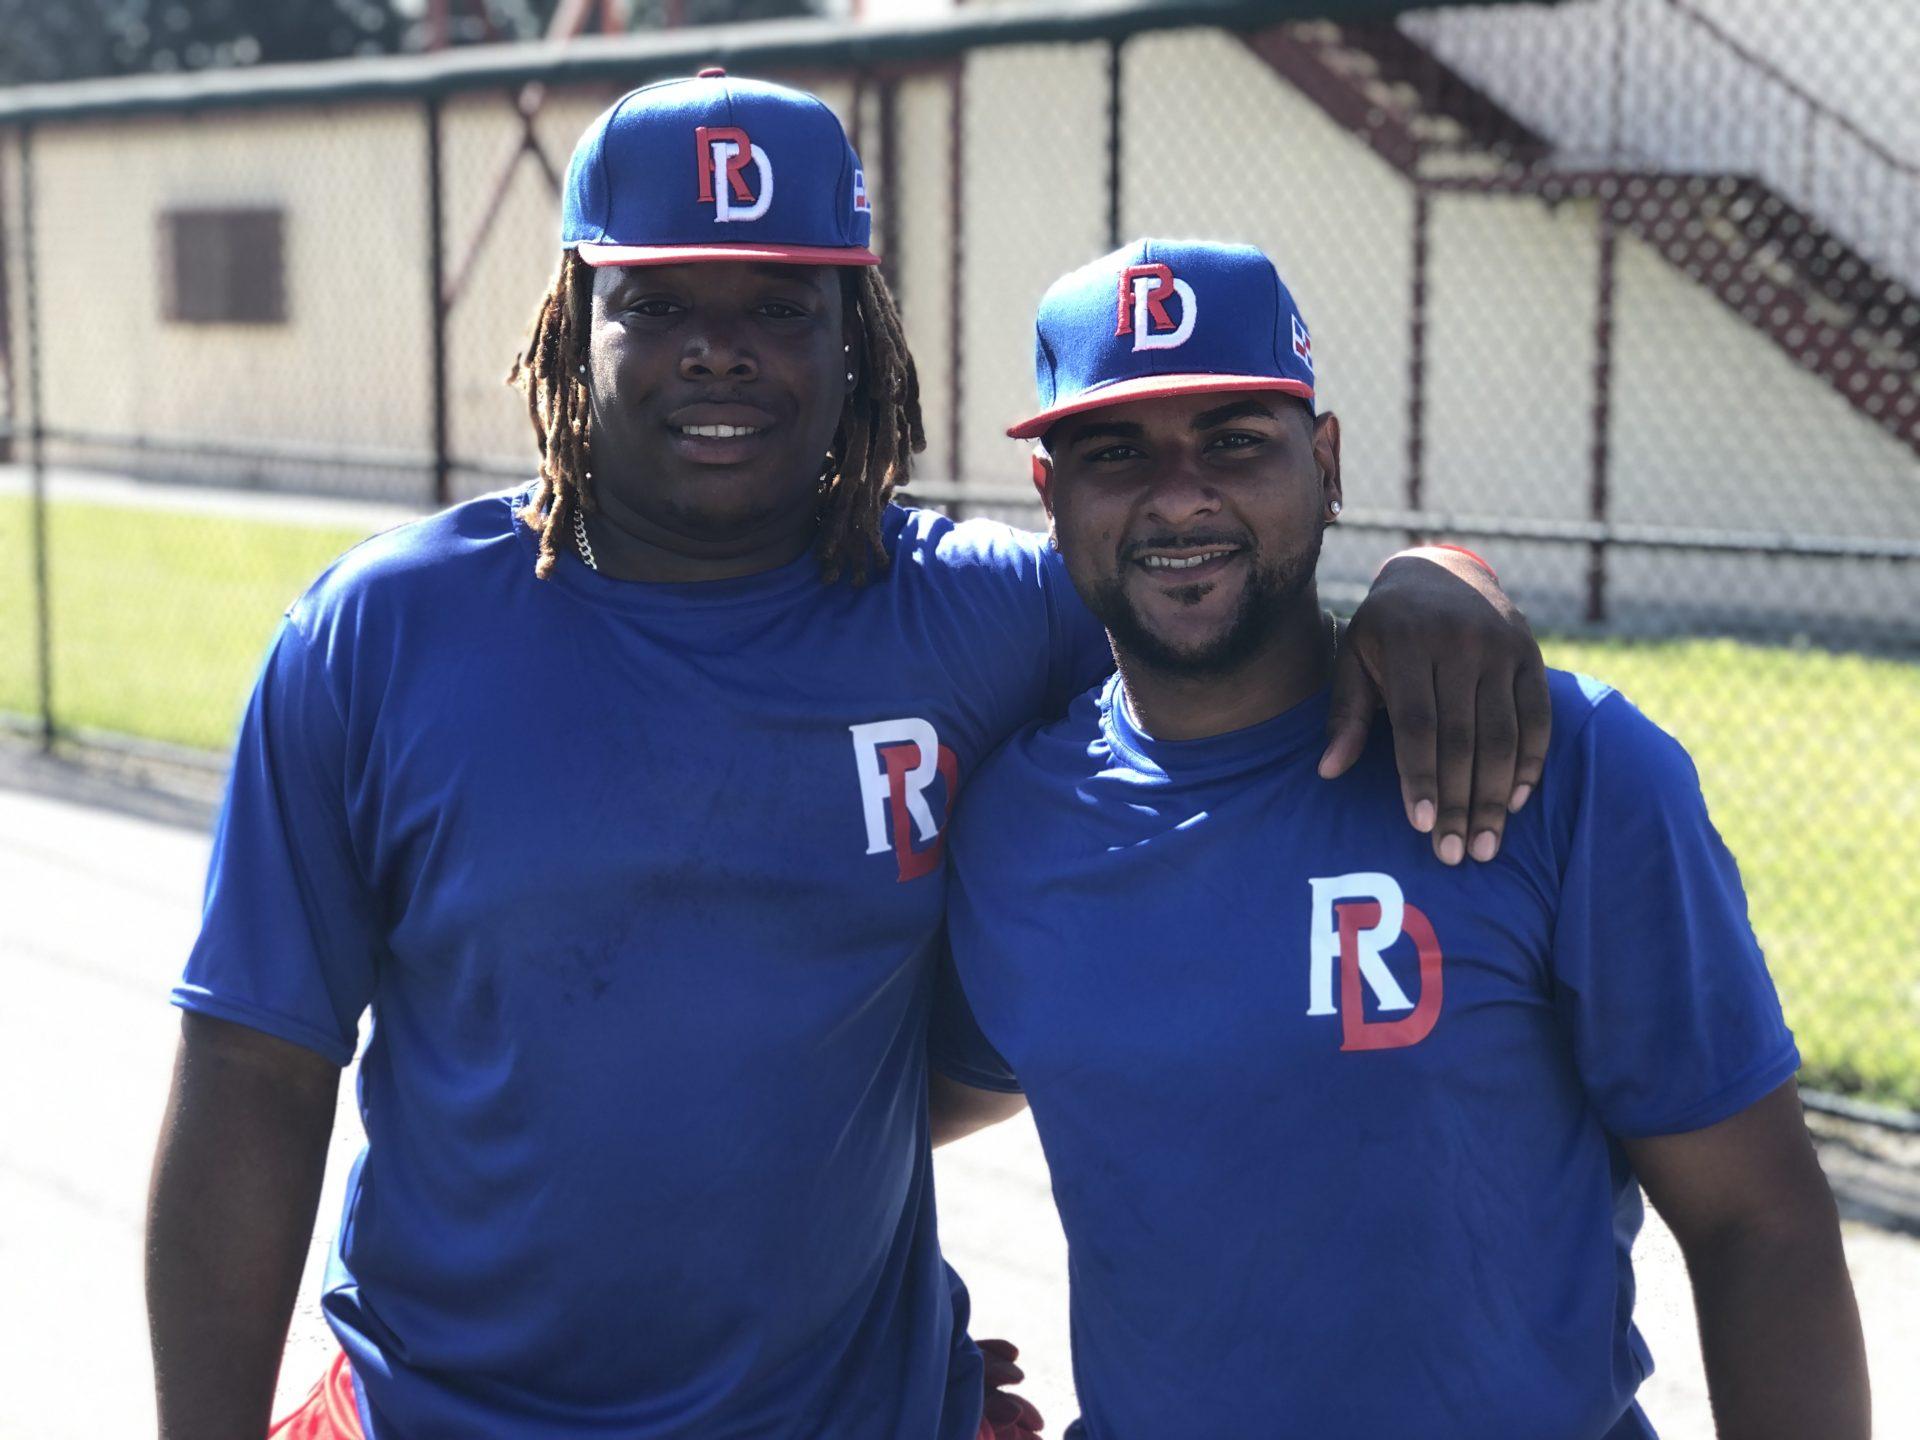 Jugadores afiliados a MLB se siguen reportando a equipo RD - Momento  Deportivo RD